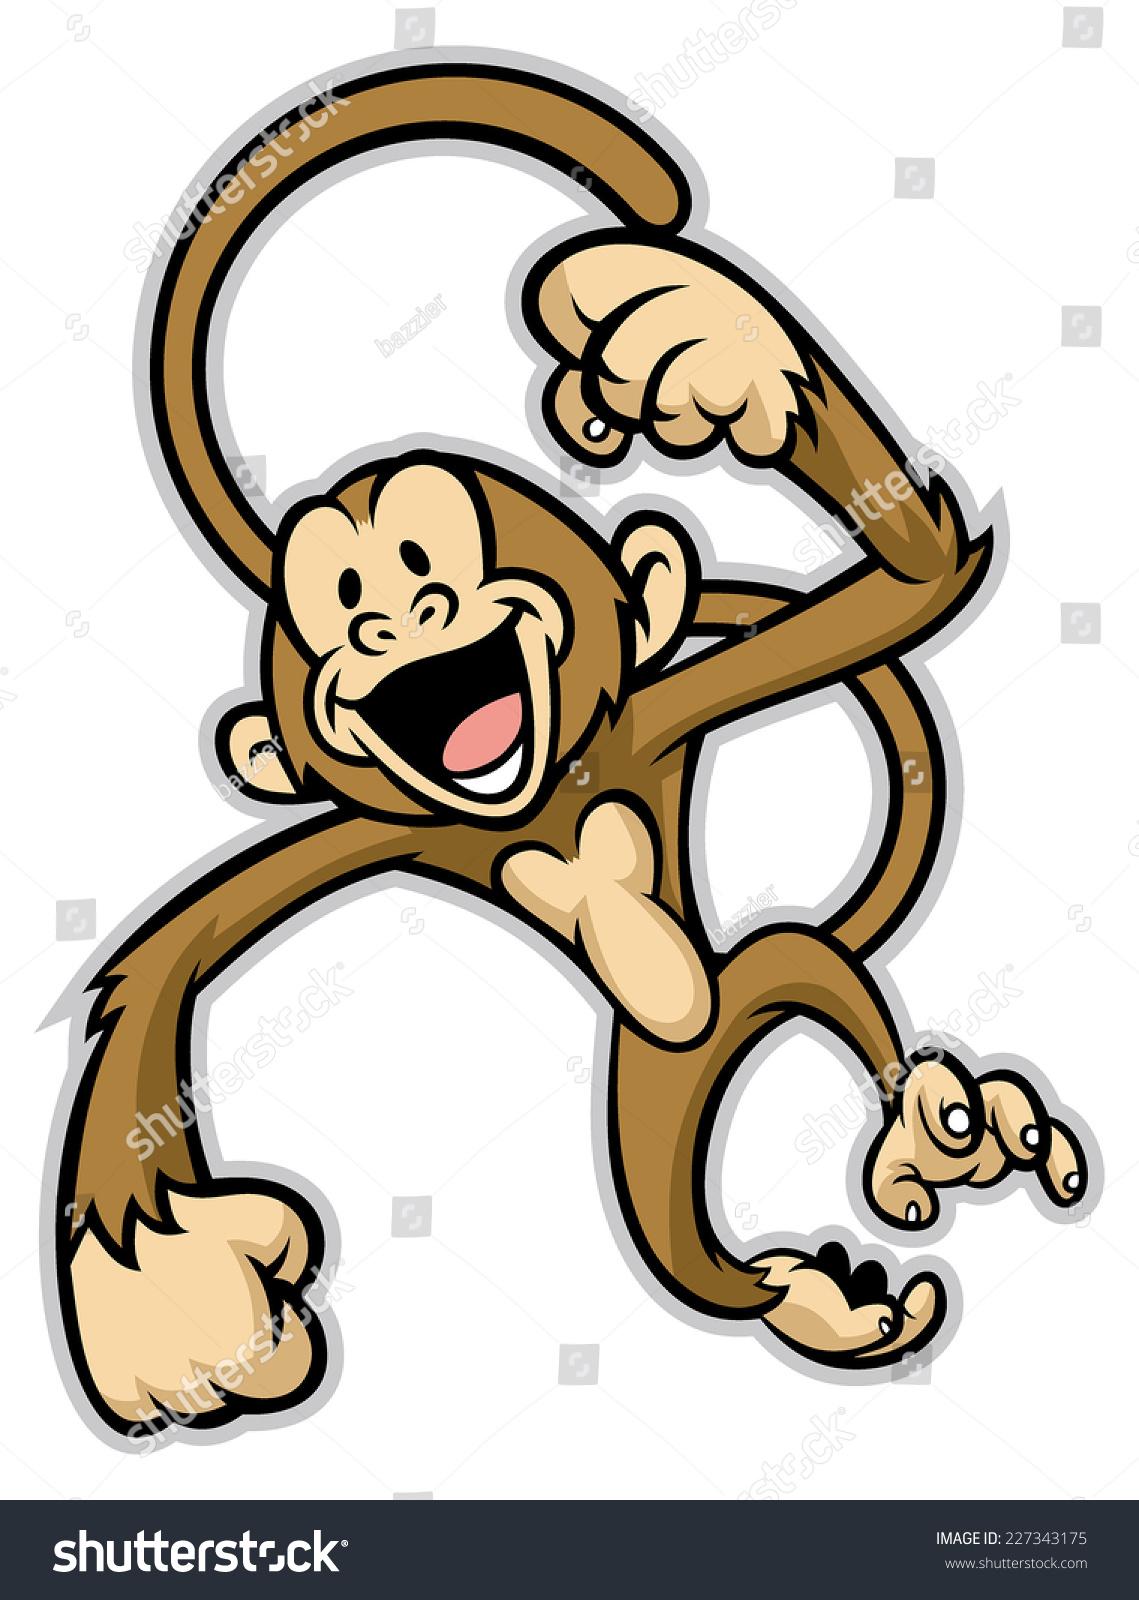 开朗可爱的猴子-动物/野生生物-海洛创意(hellorf)